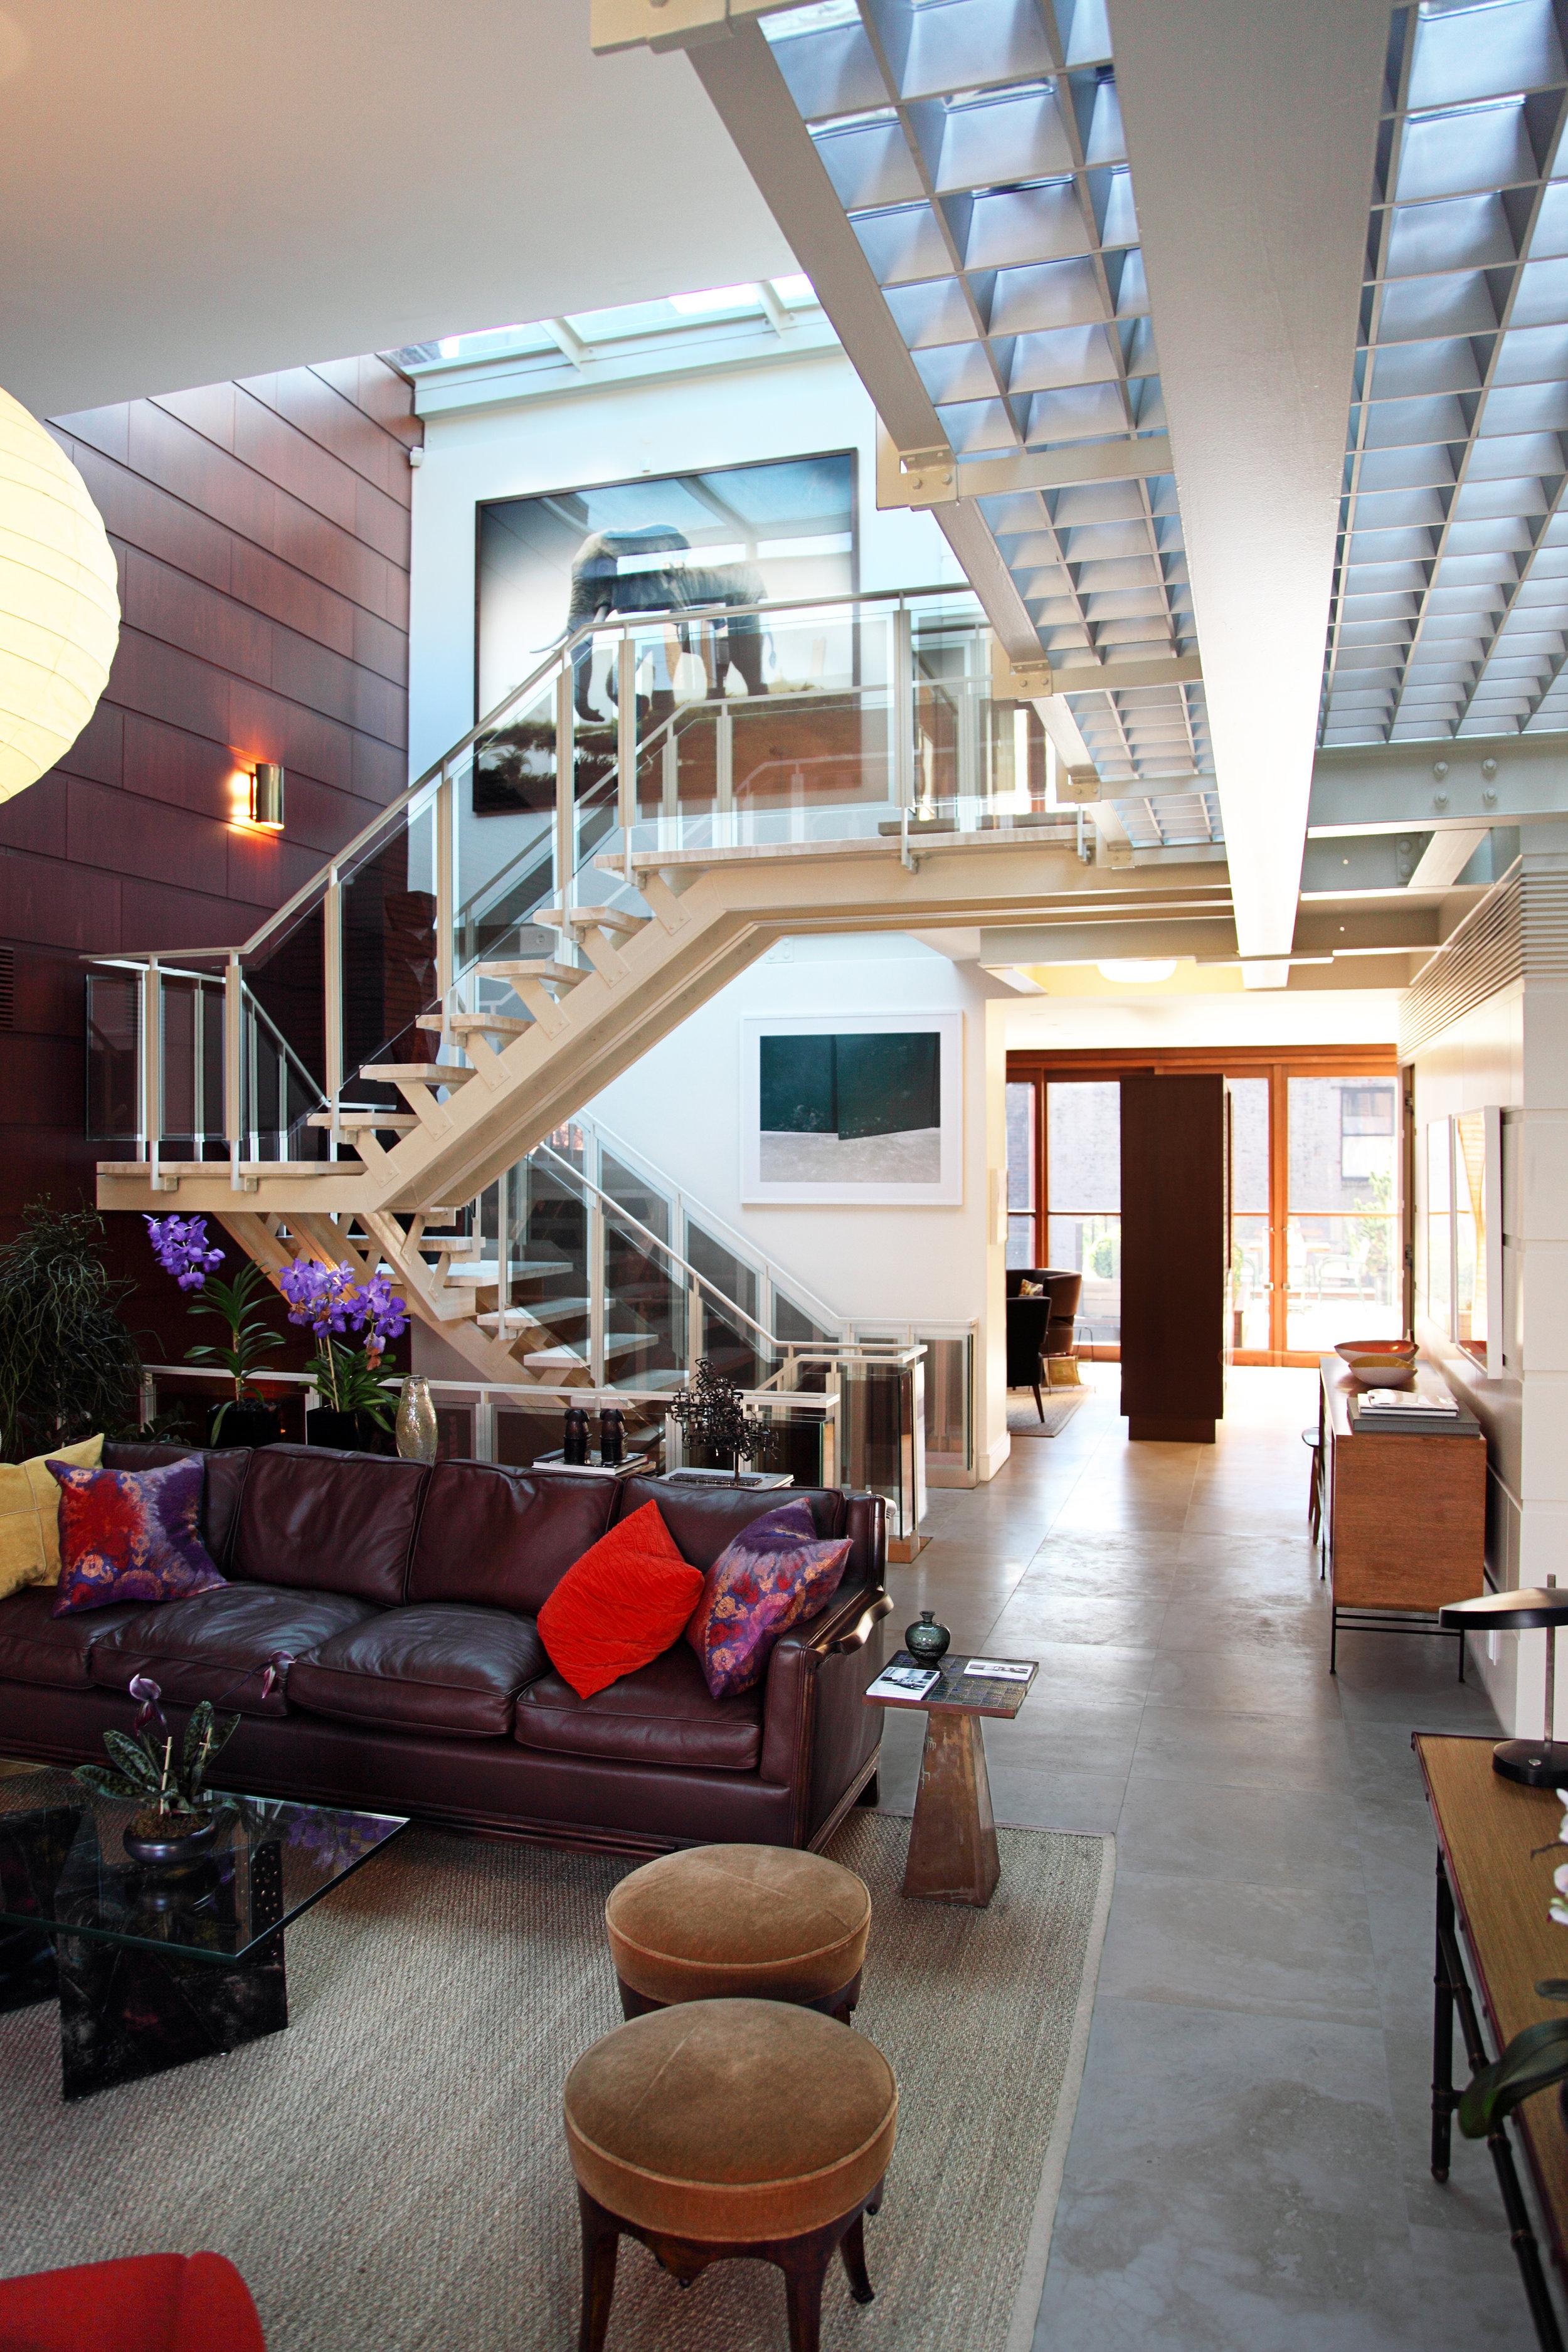 ATI - EB Living Room Vertical Interior Persepctive.jpg